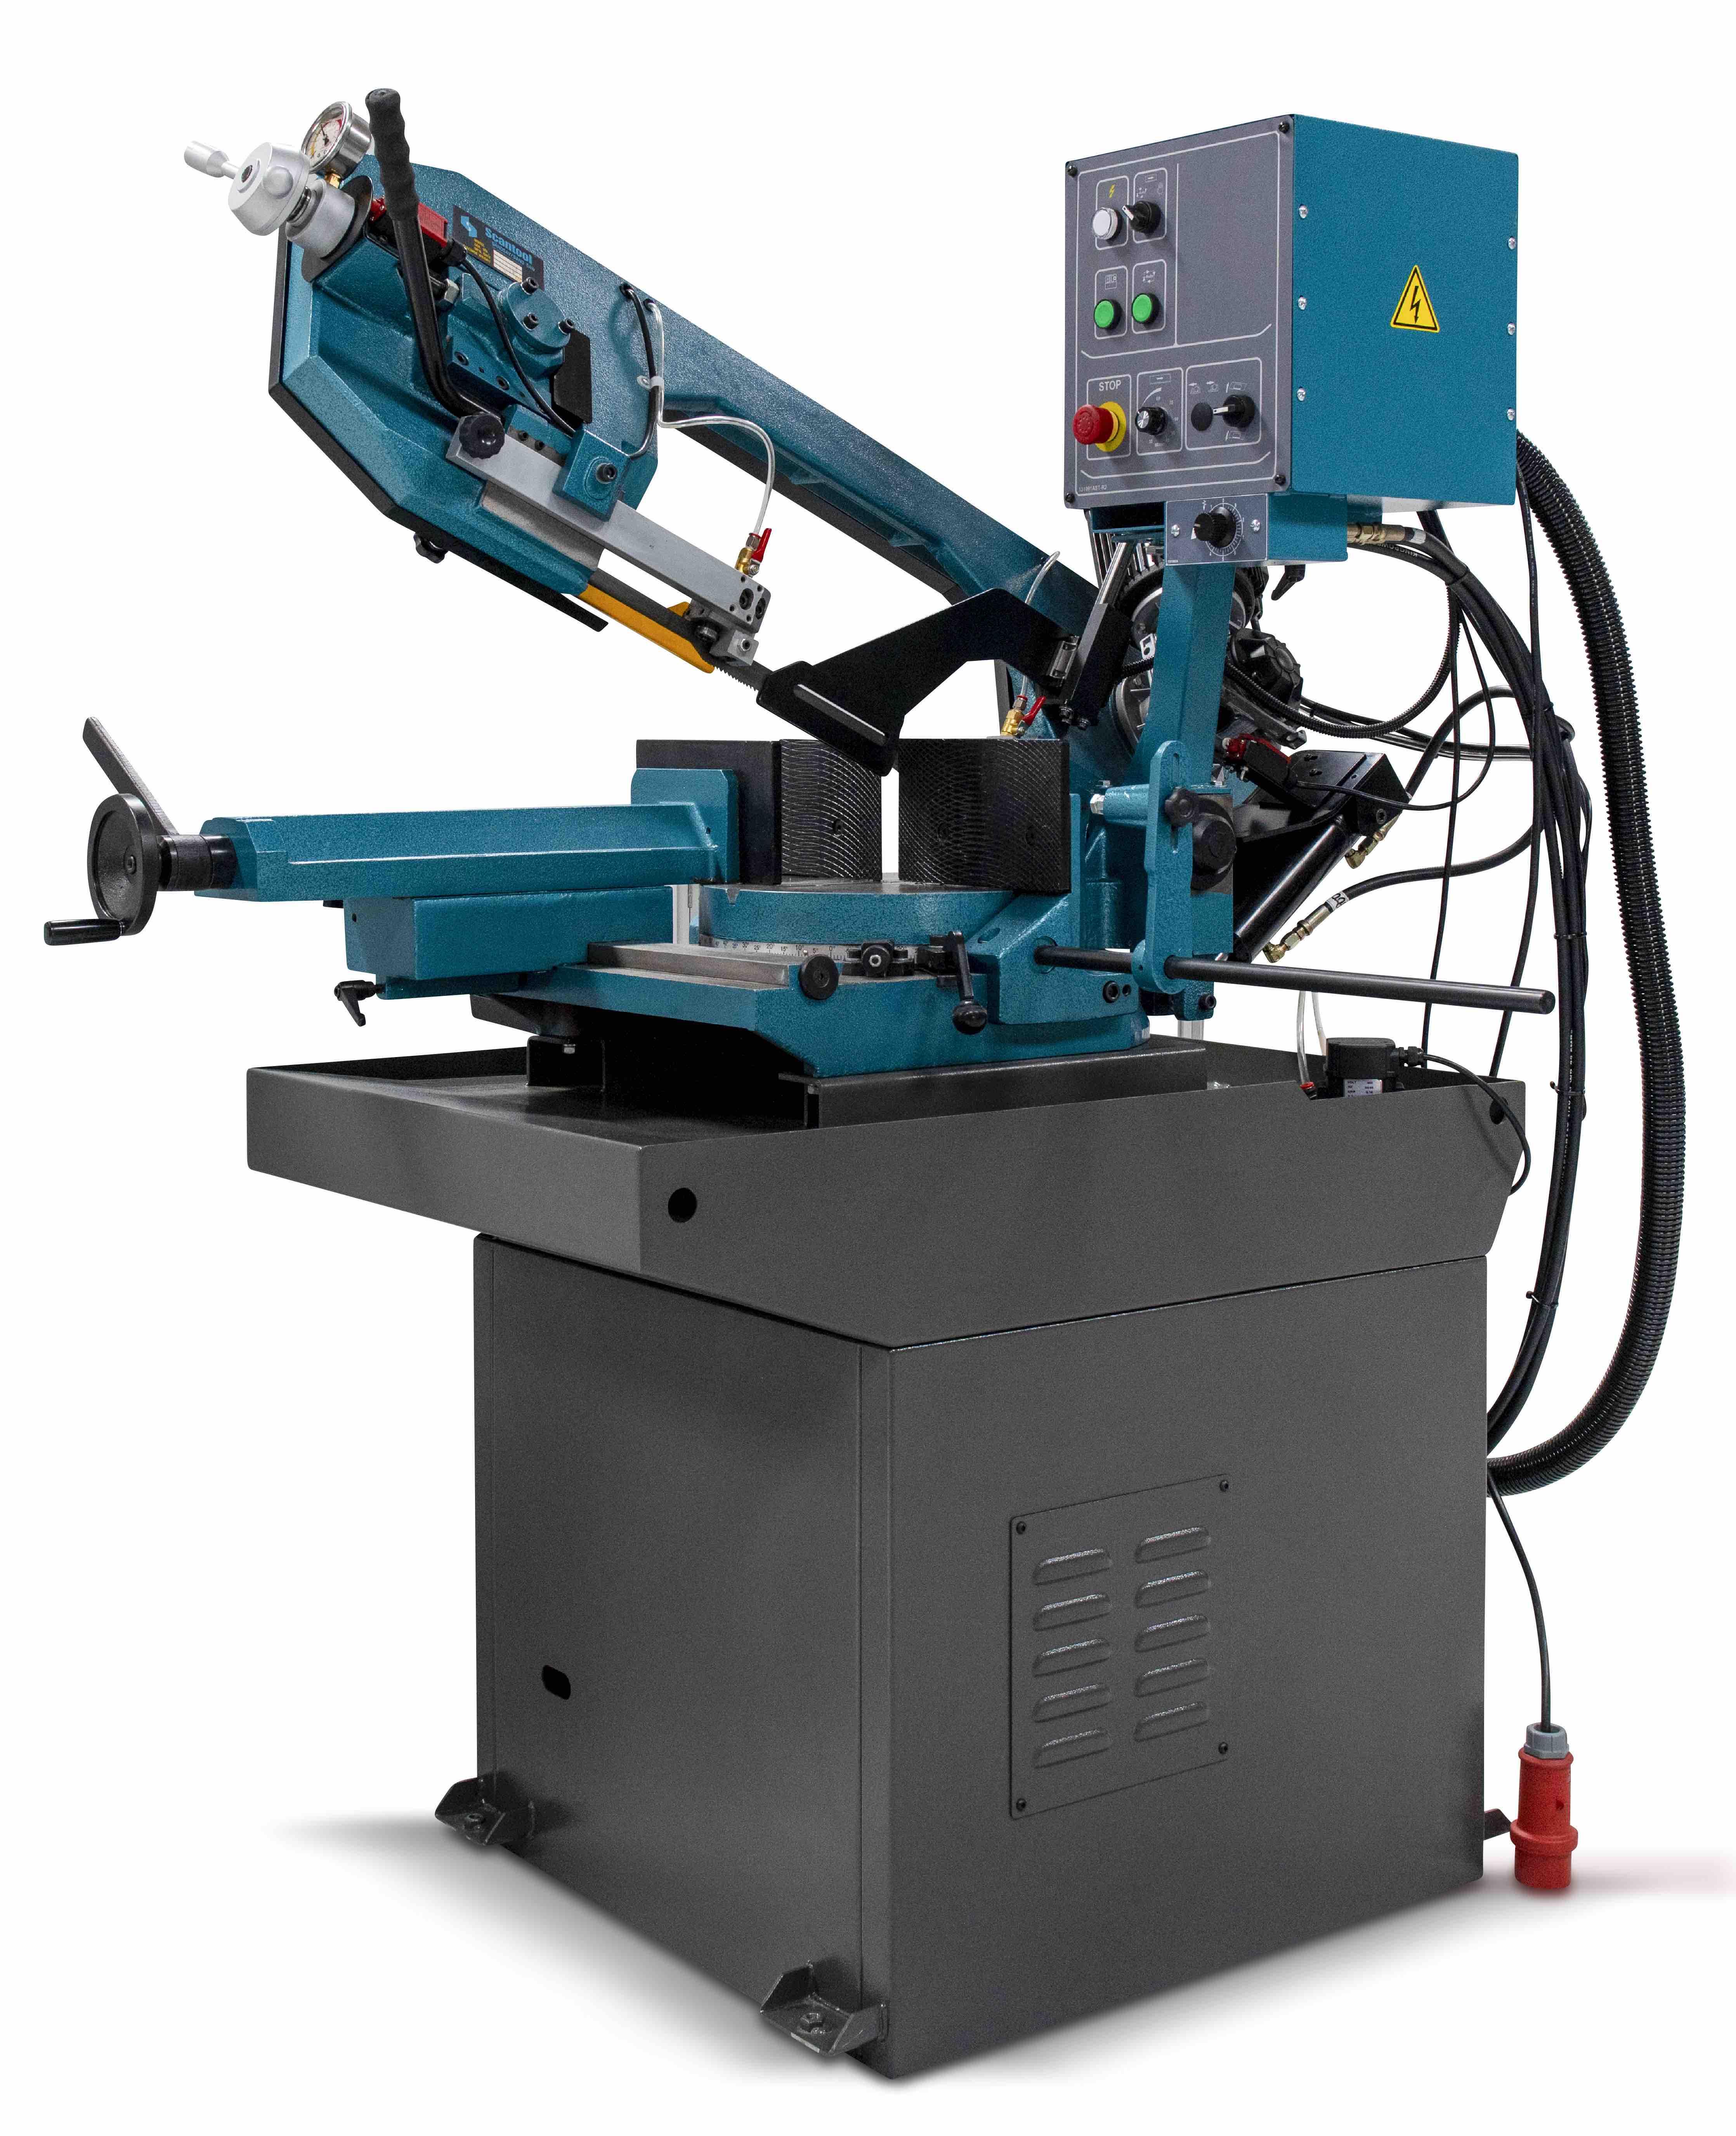 Półautomatyczna przecinarka taśmowa do cięcia metalu pod kątami Scantool Model 320 GSHT